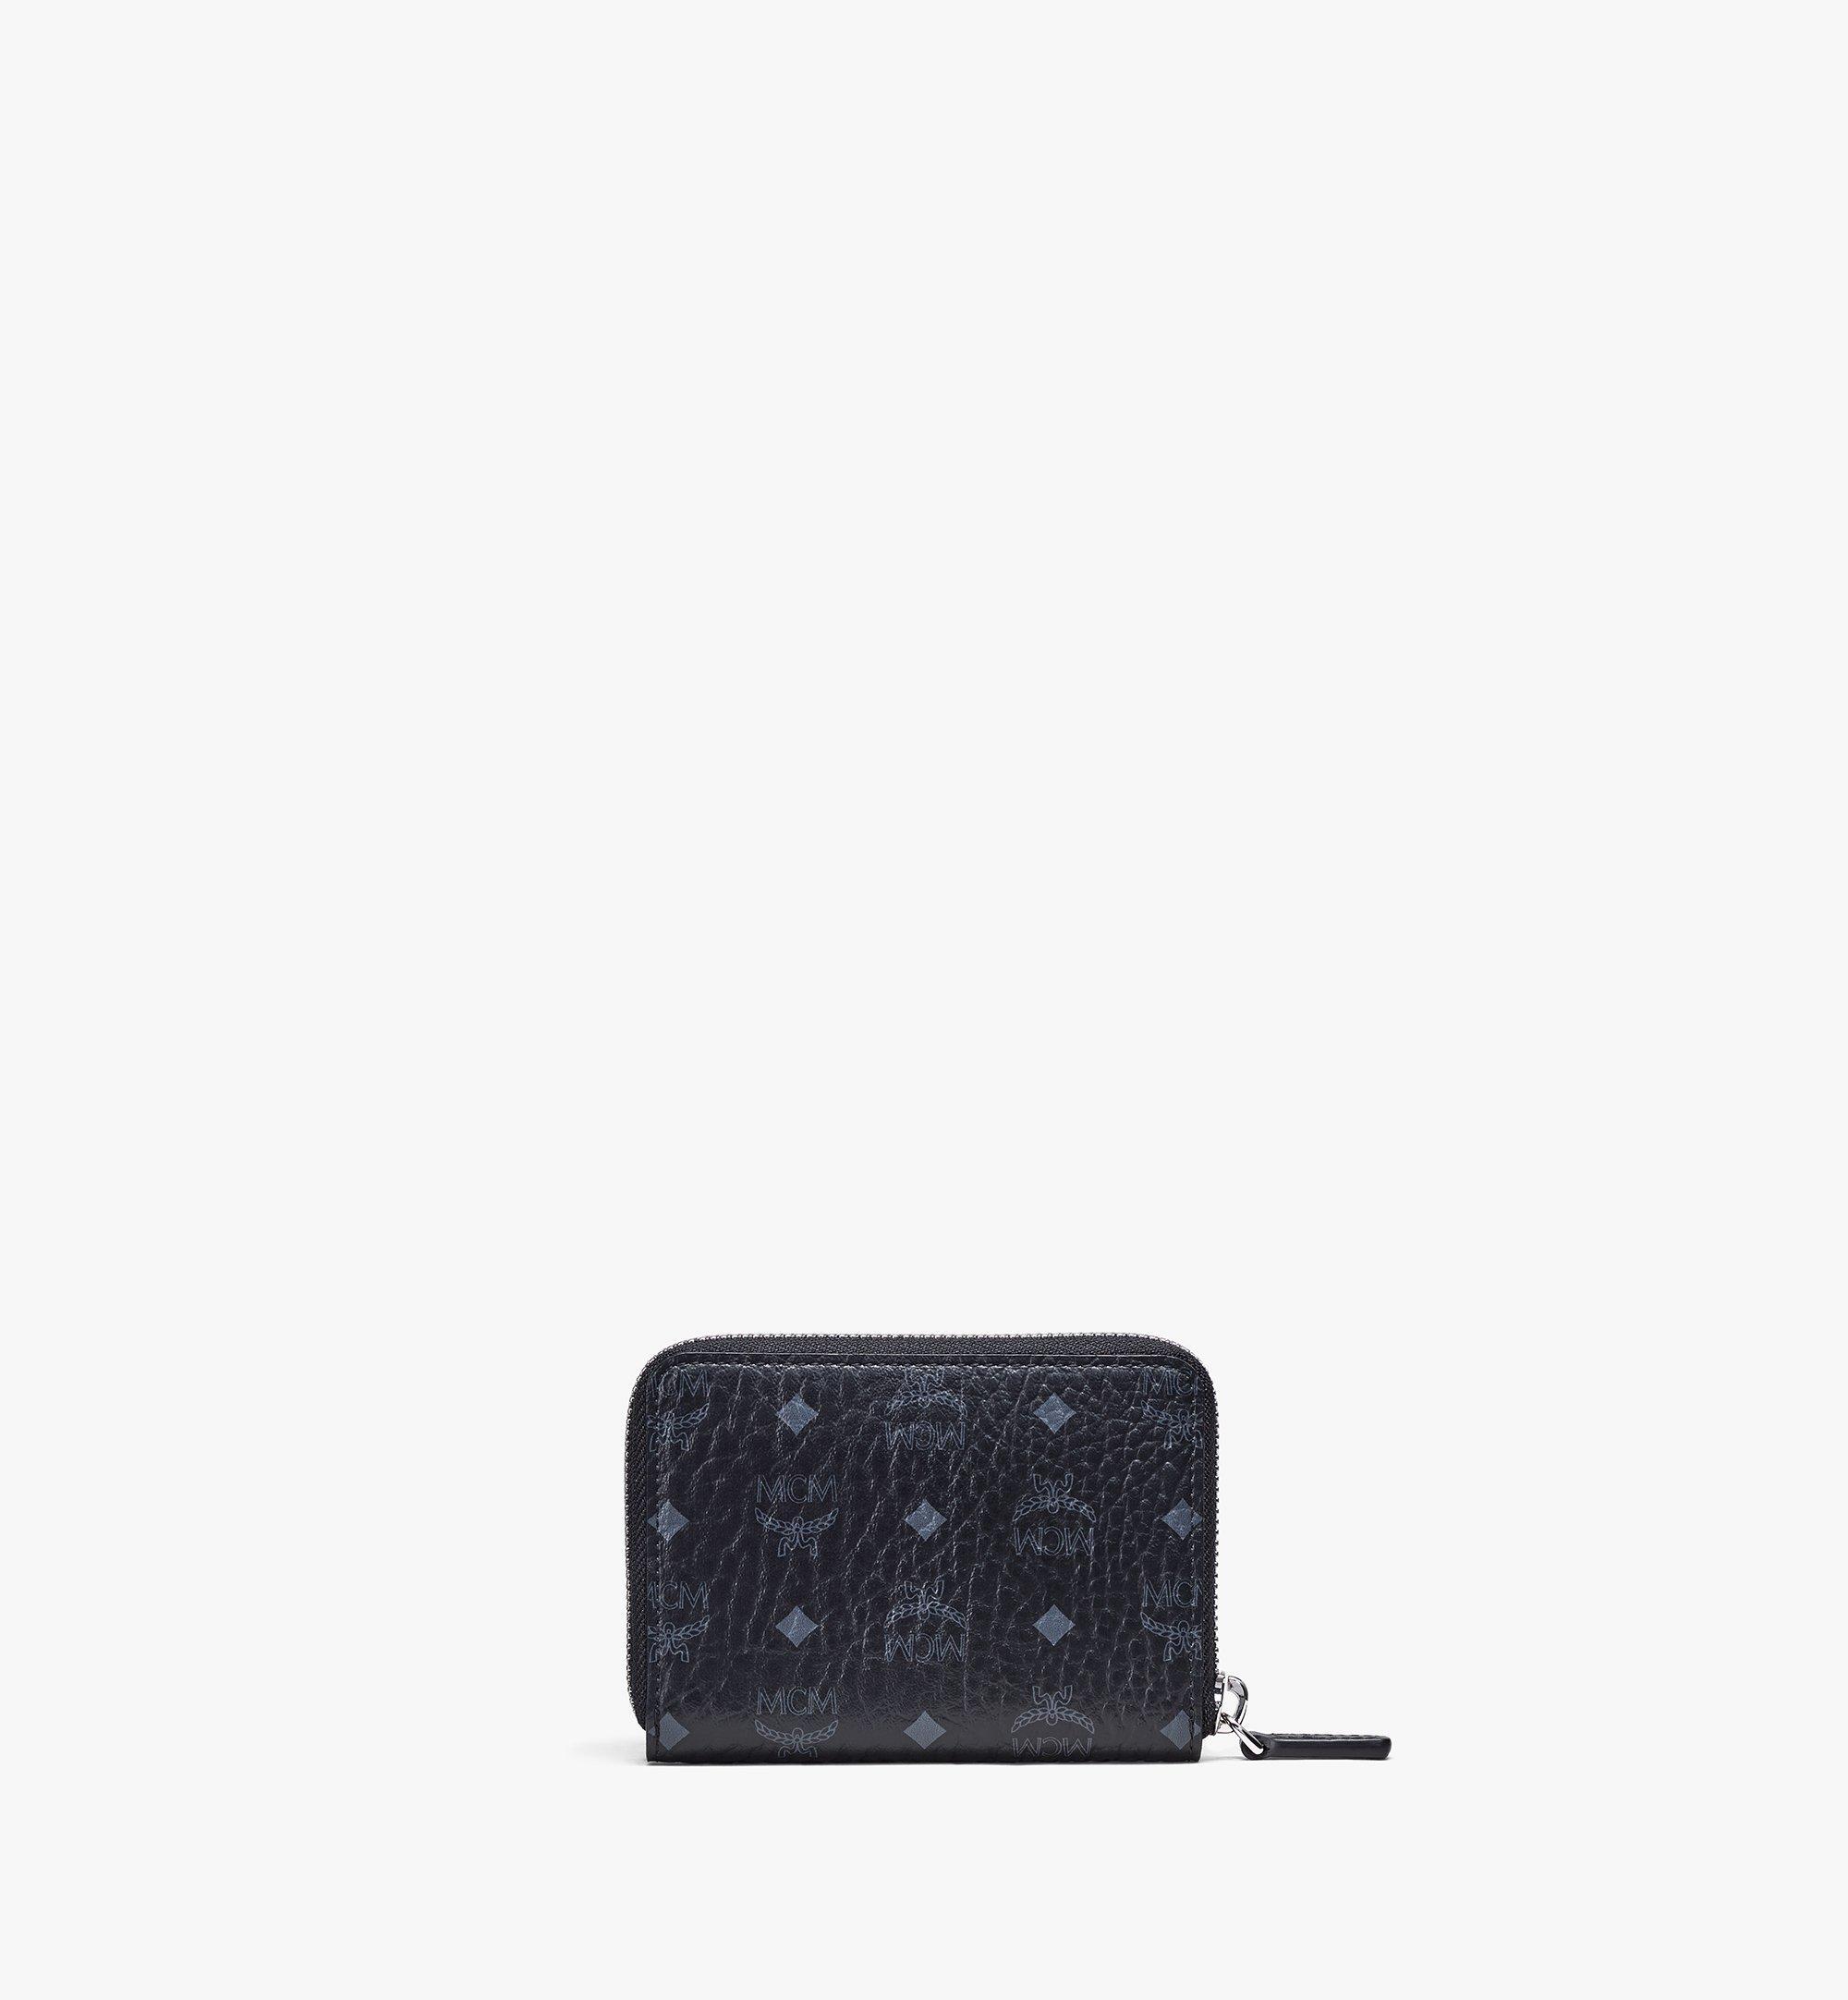 MCM Brieftasche in Visetos Original mit Reissverschluss Black MYLAAVI03BK001 Noch mehr sehen 2